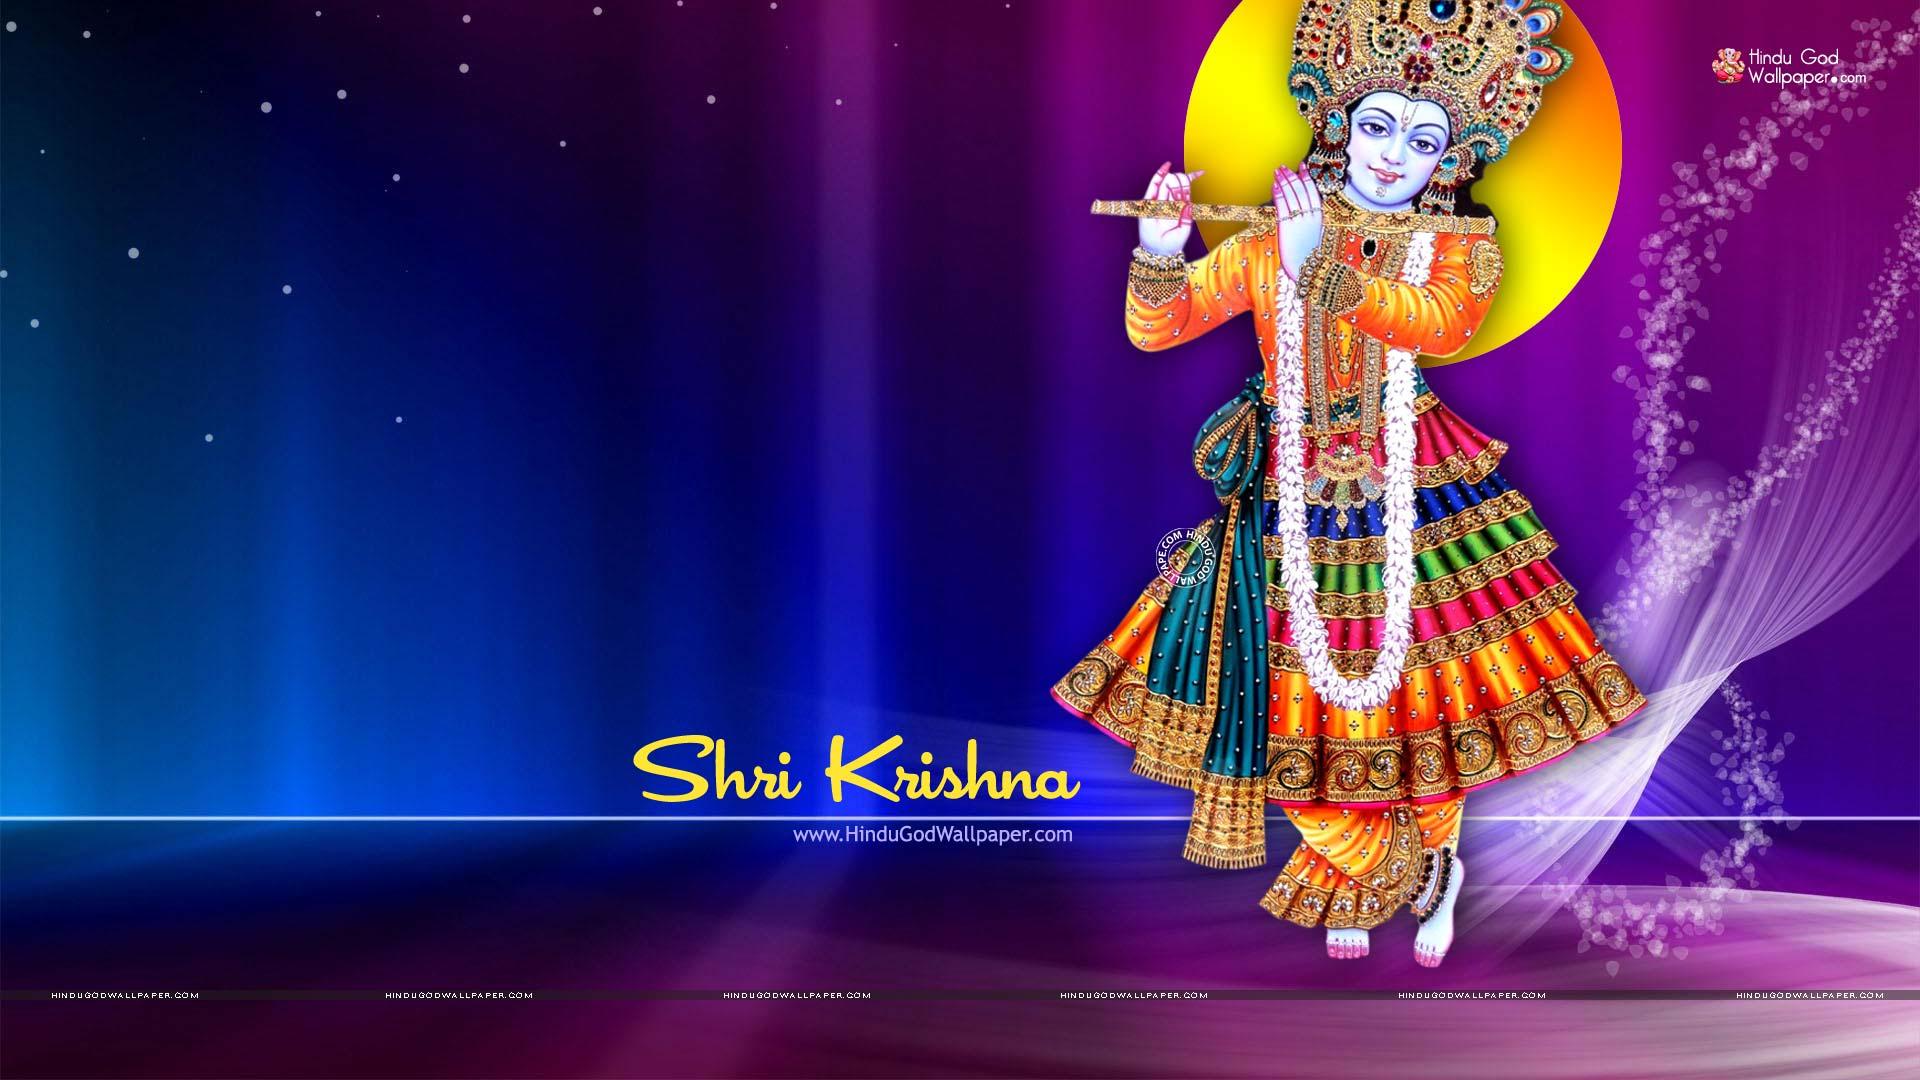 Krishna Wallpaper Hd Full Size - 1080p Krishna Image Full Hd - HD Wallpaper